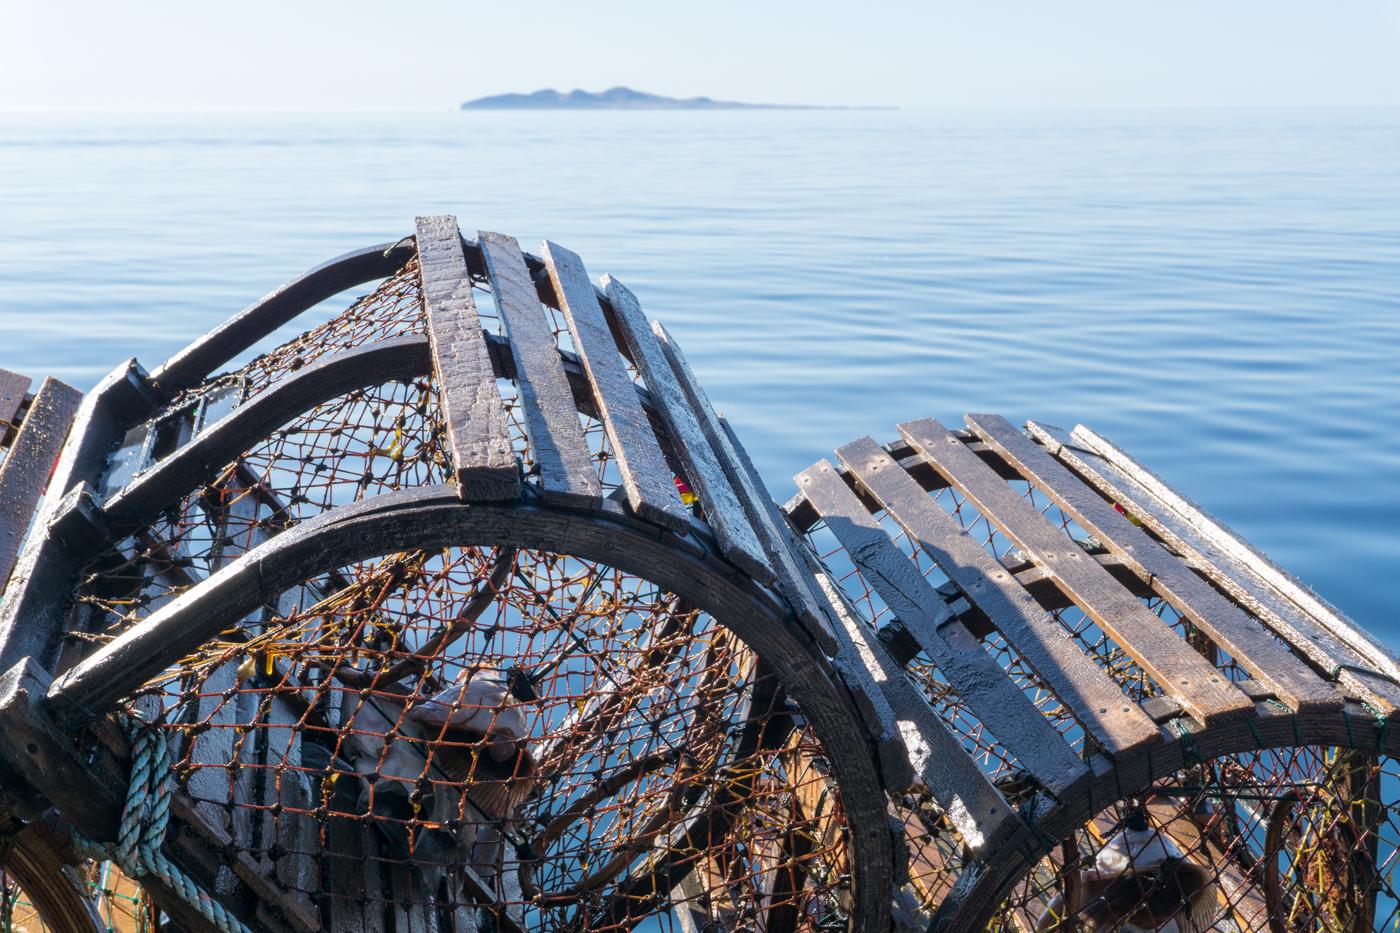 casiers à homard et l'île d'Entrée au loin, pêche au homard